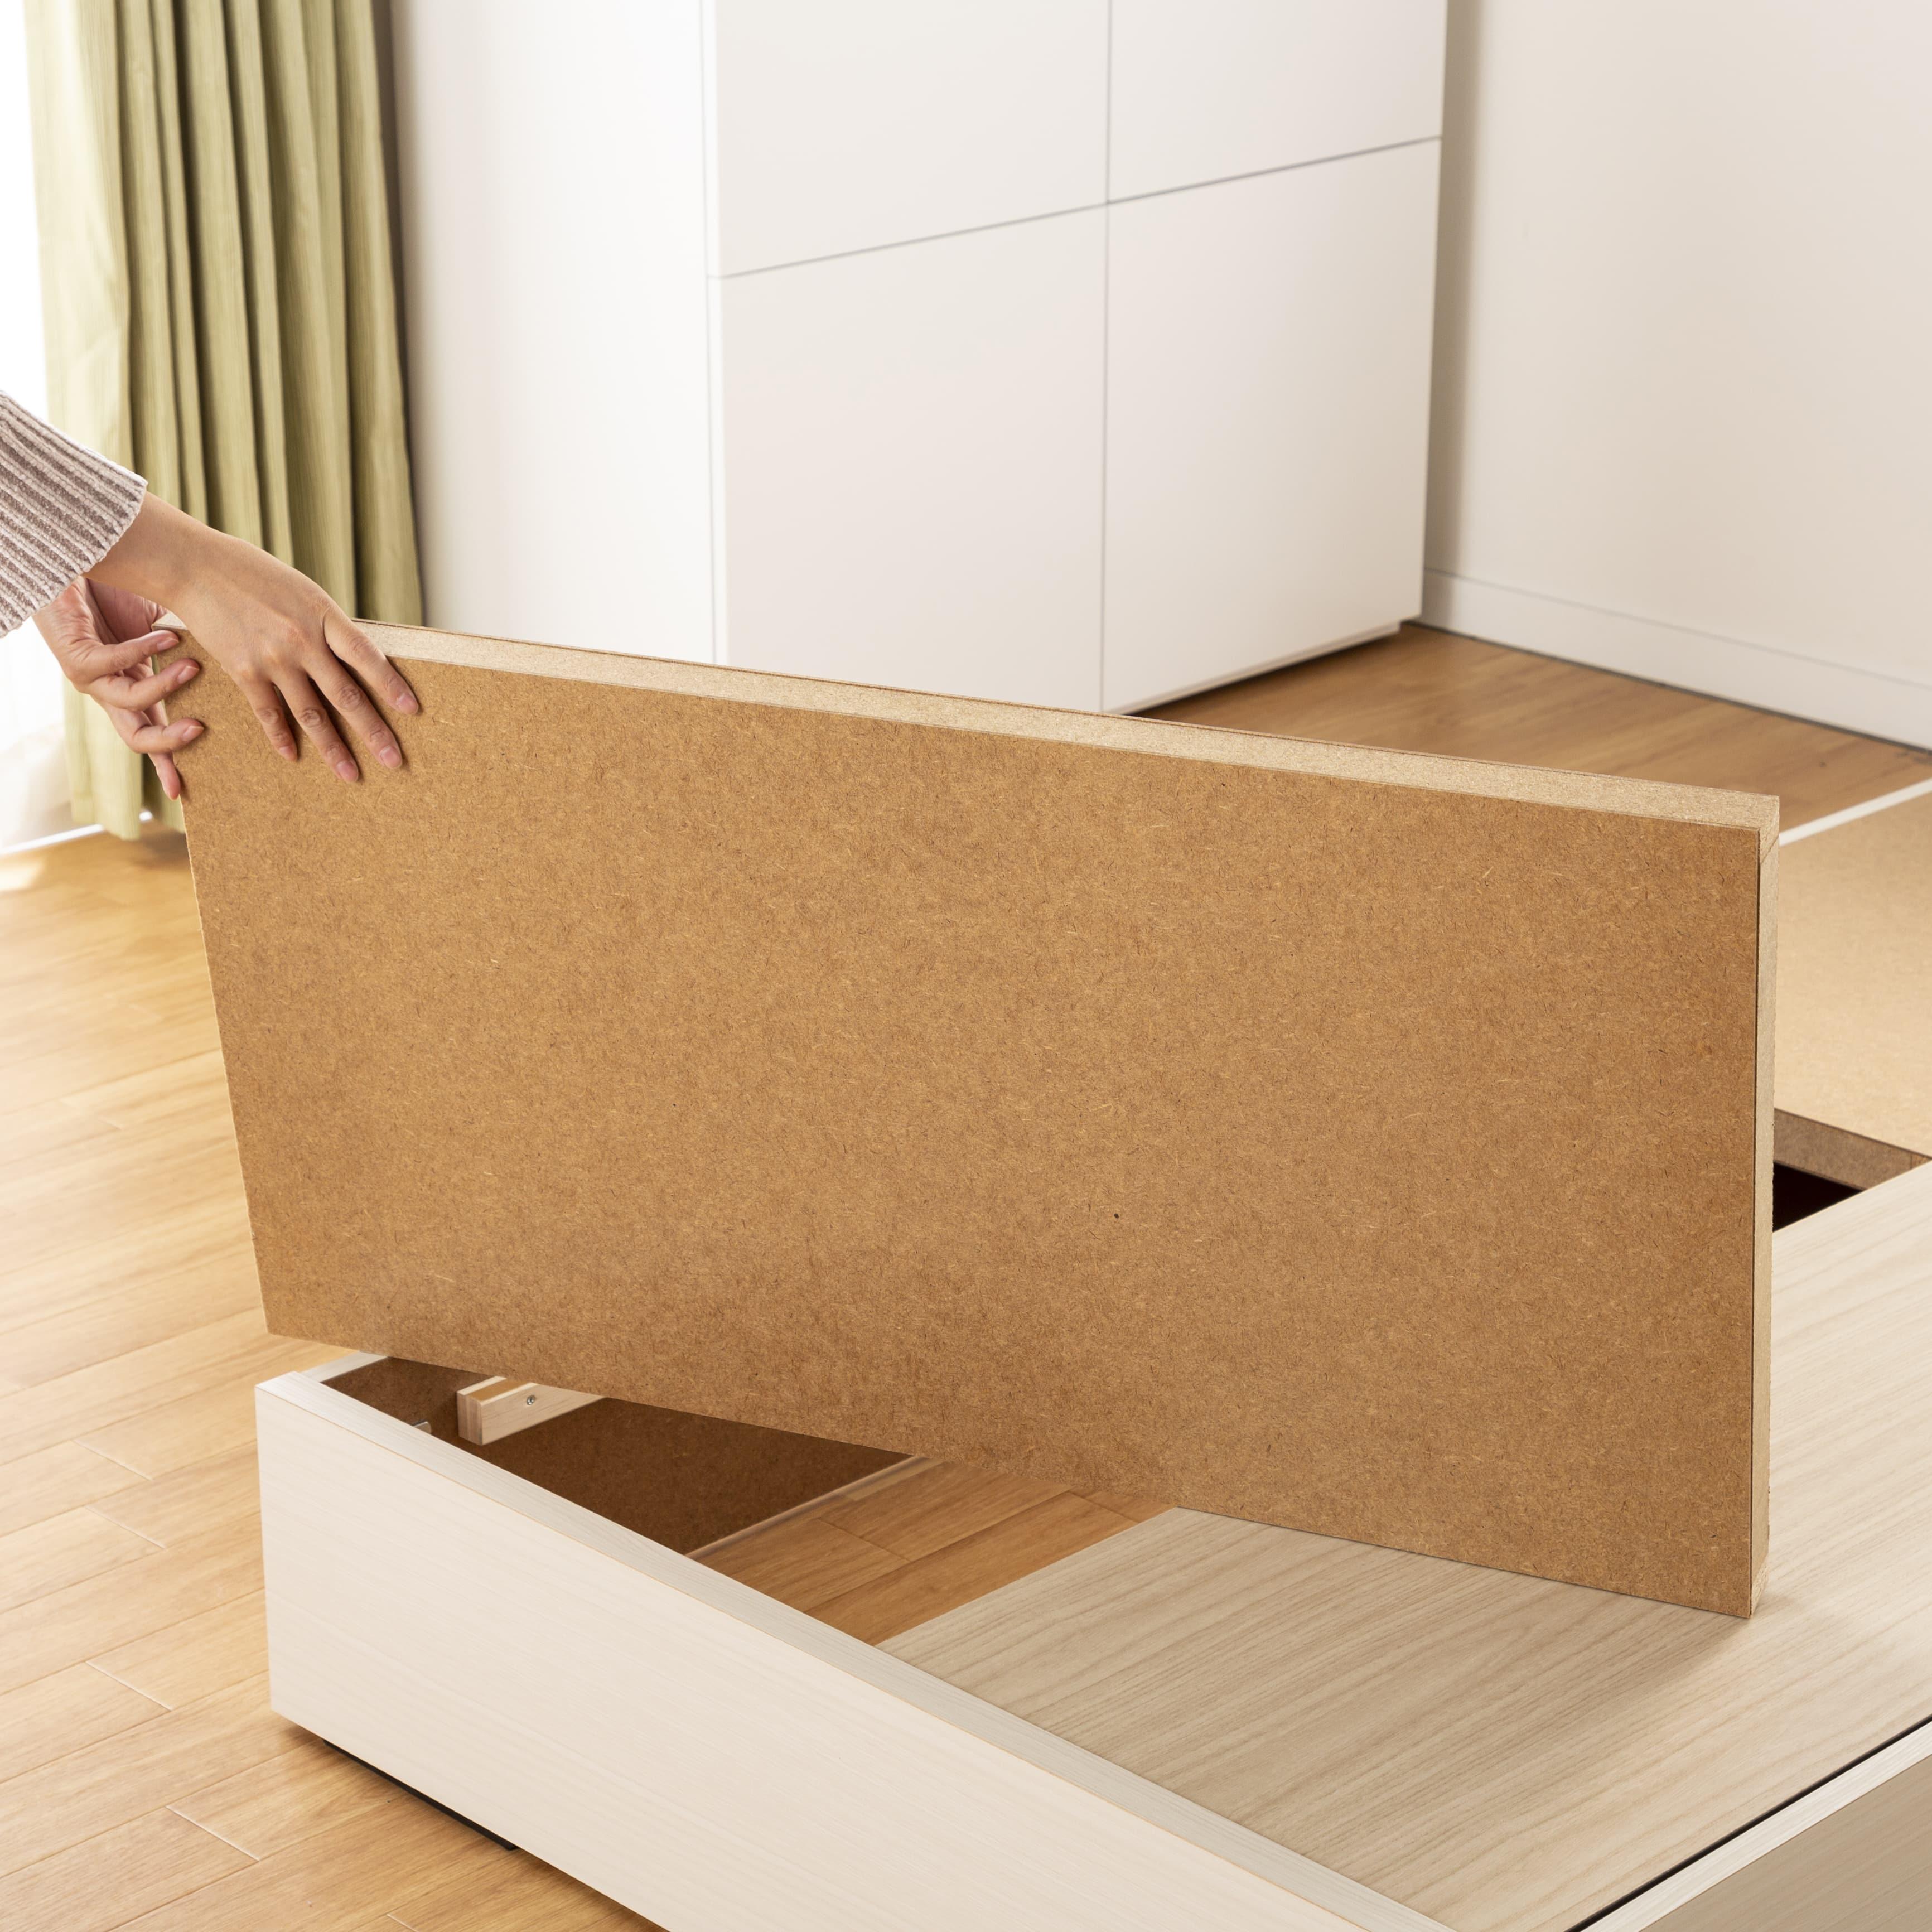 シングルフレーム コスモプラス�U ブラック:しっかり安定感のある床板